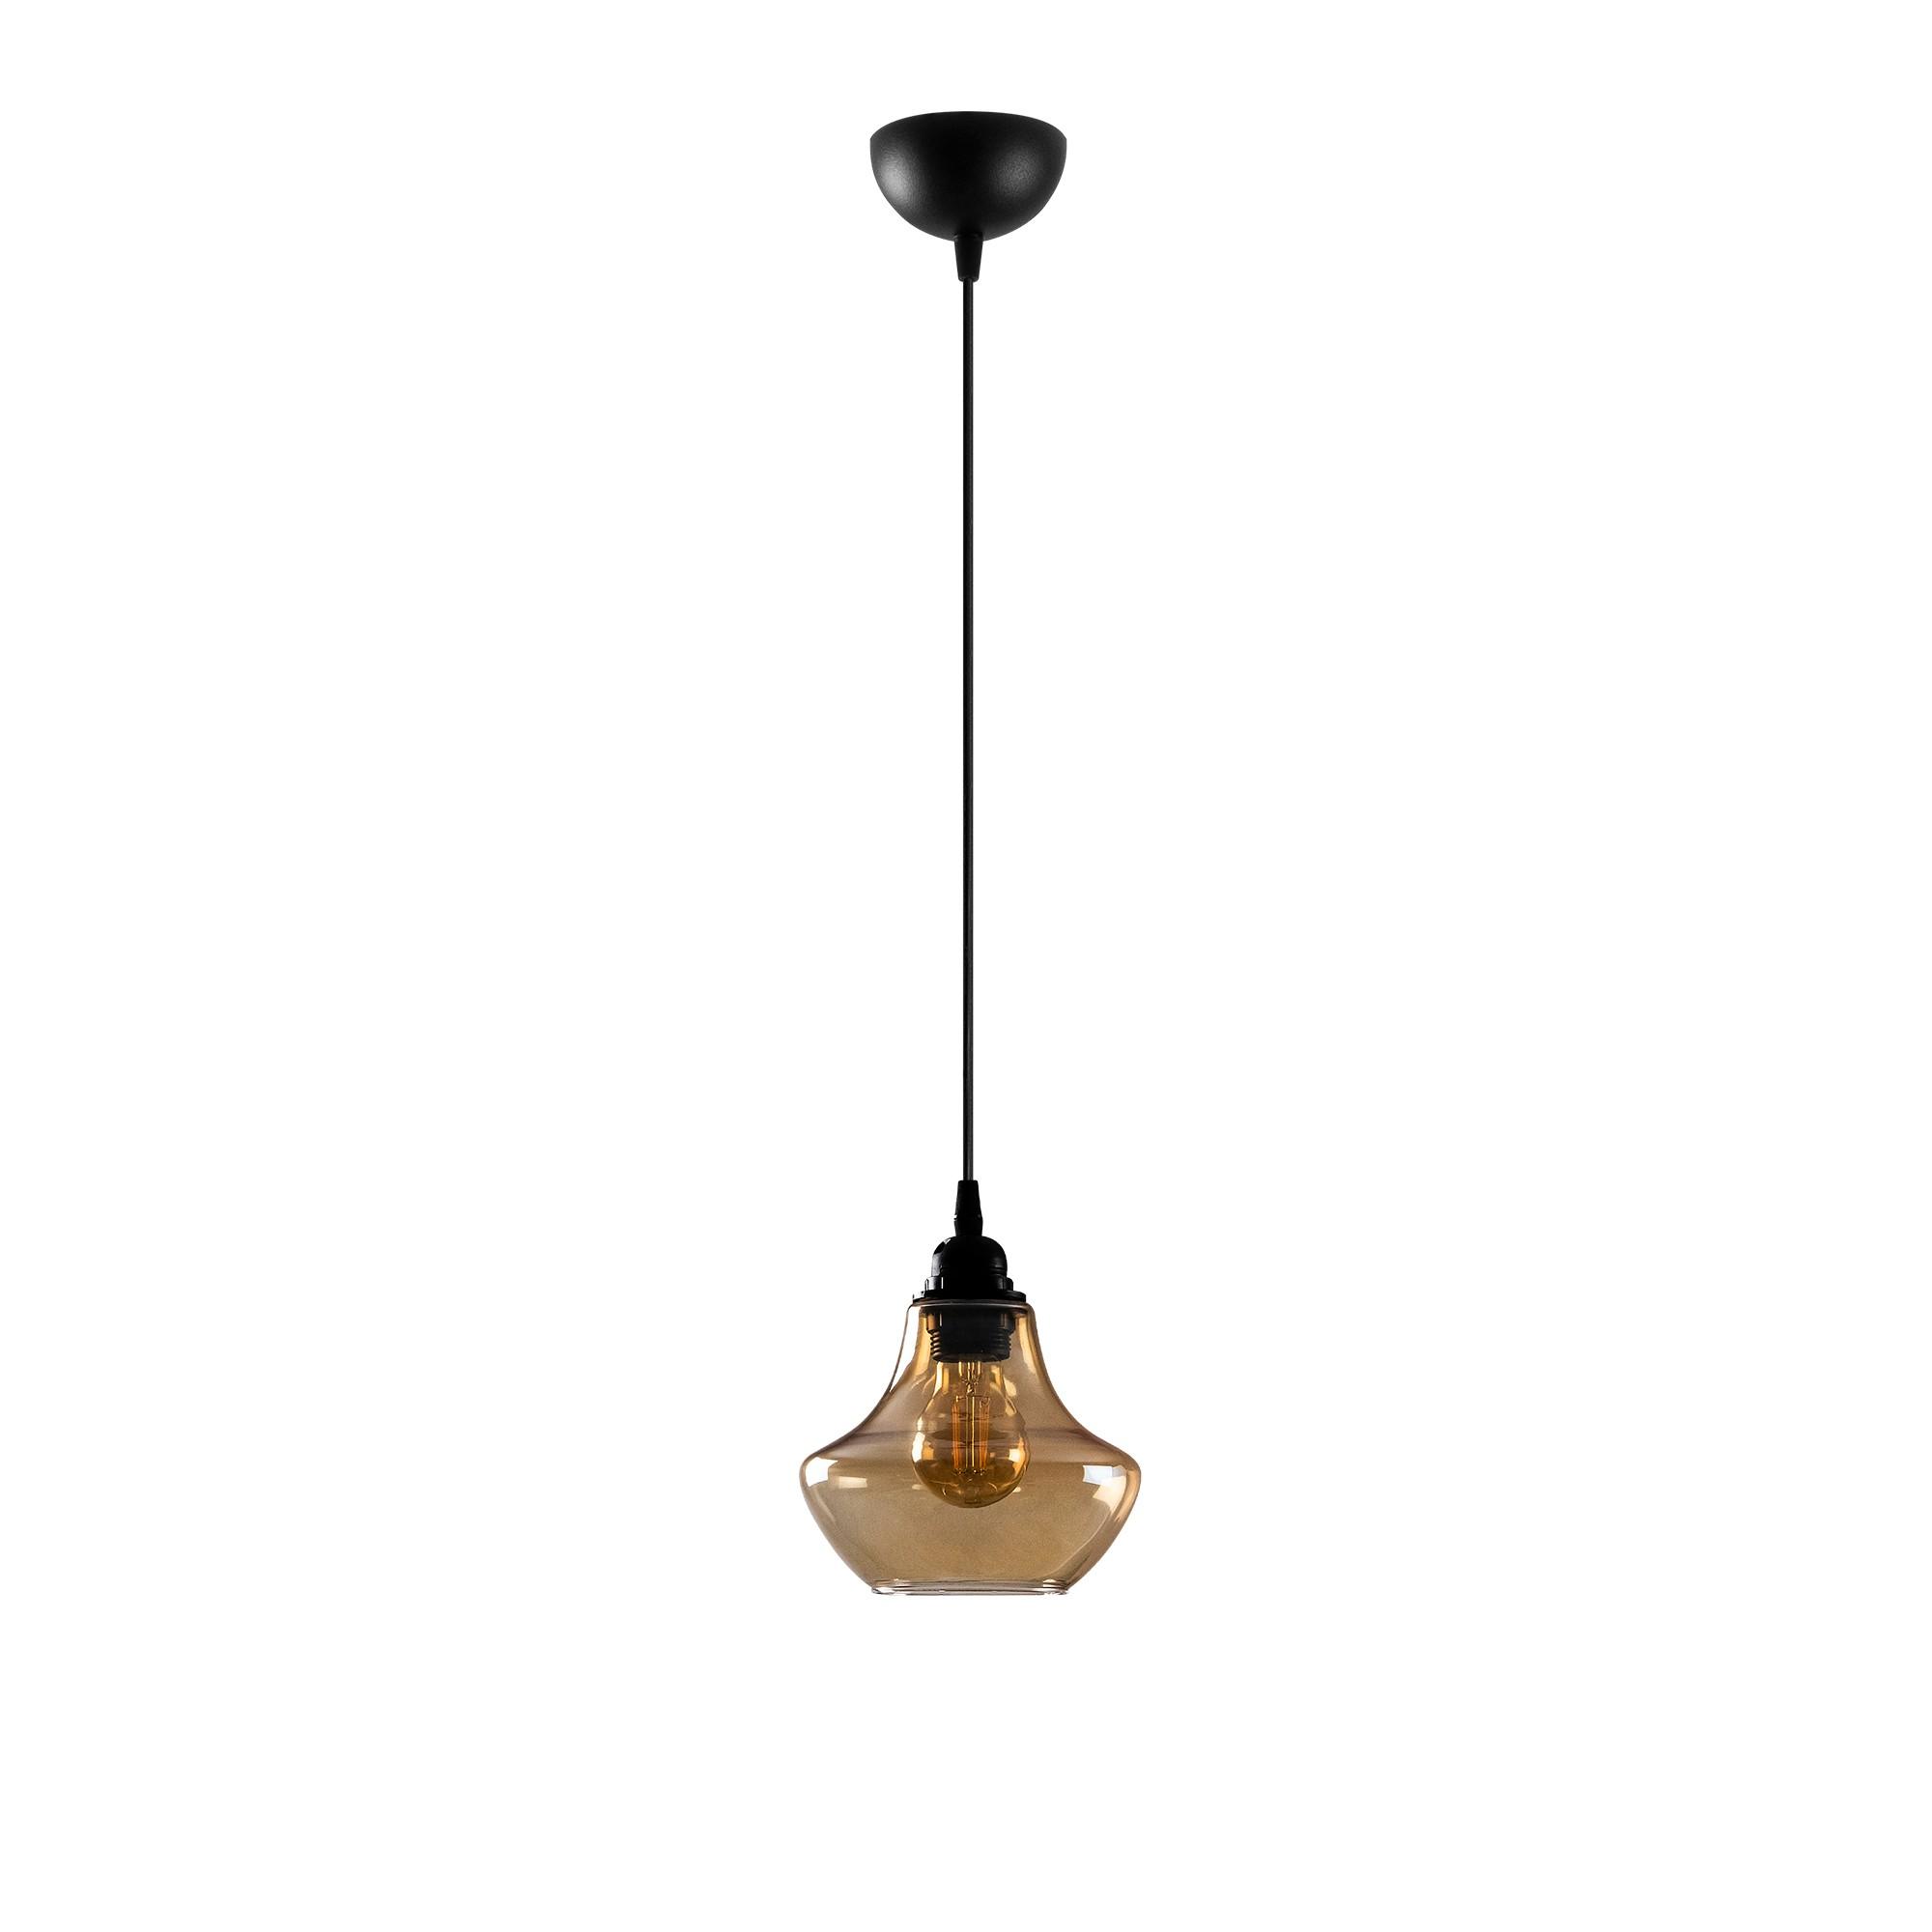 gouden hanglamp e27 fitting-Moroni - vooraanzicht lamp uit